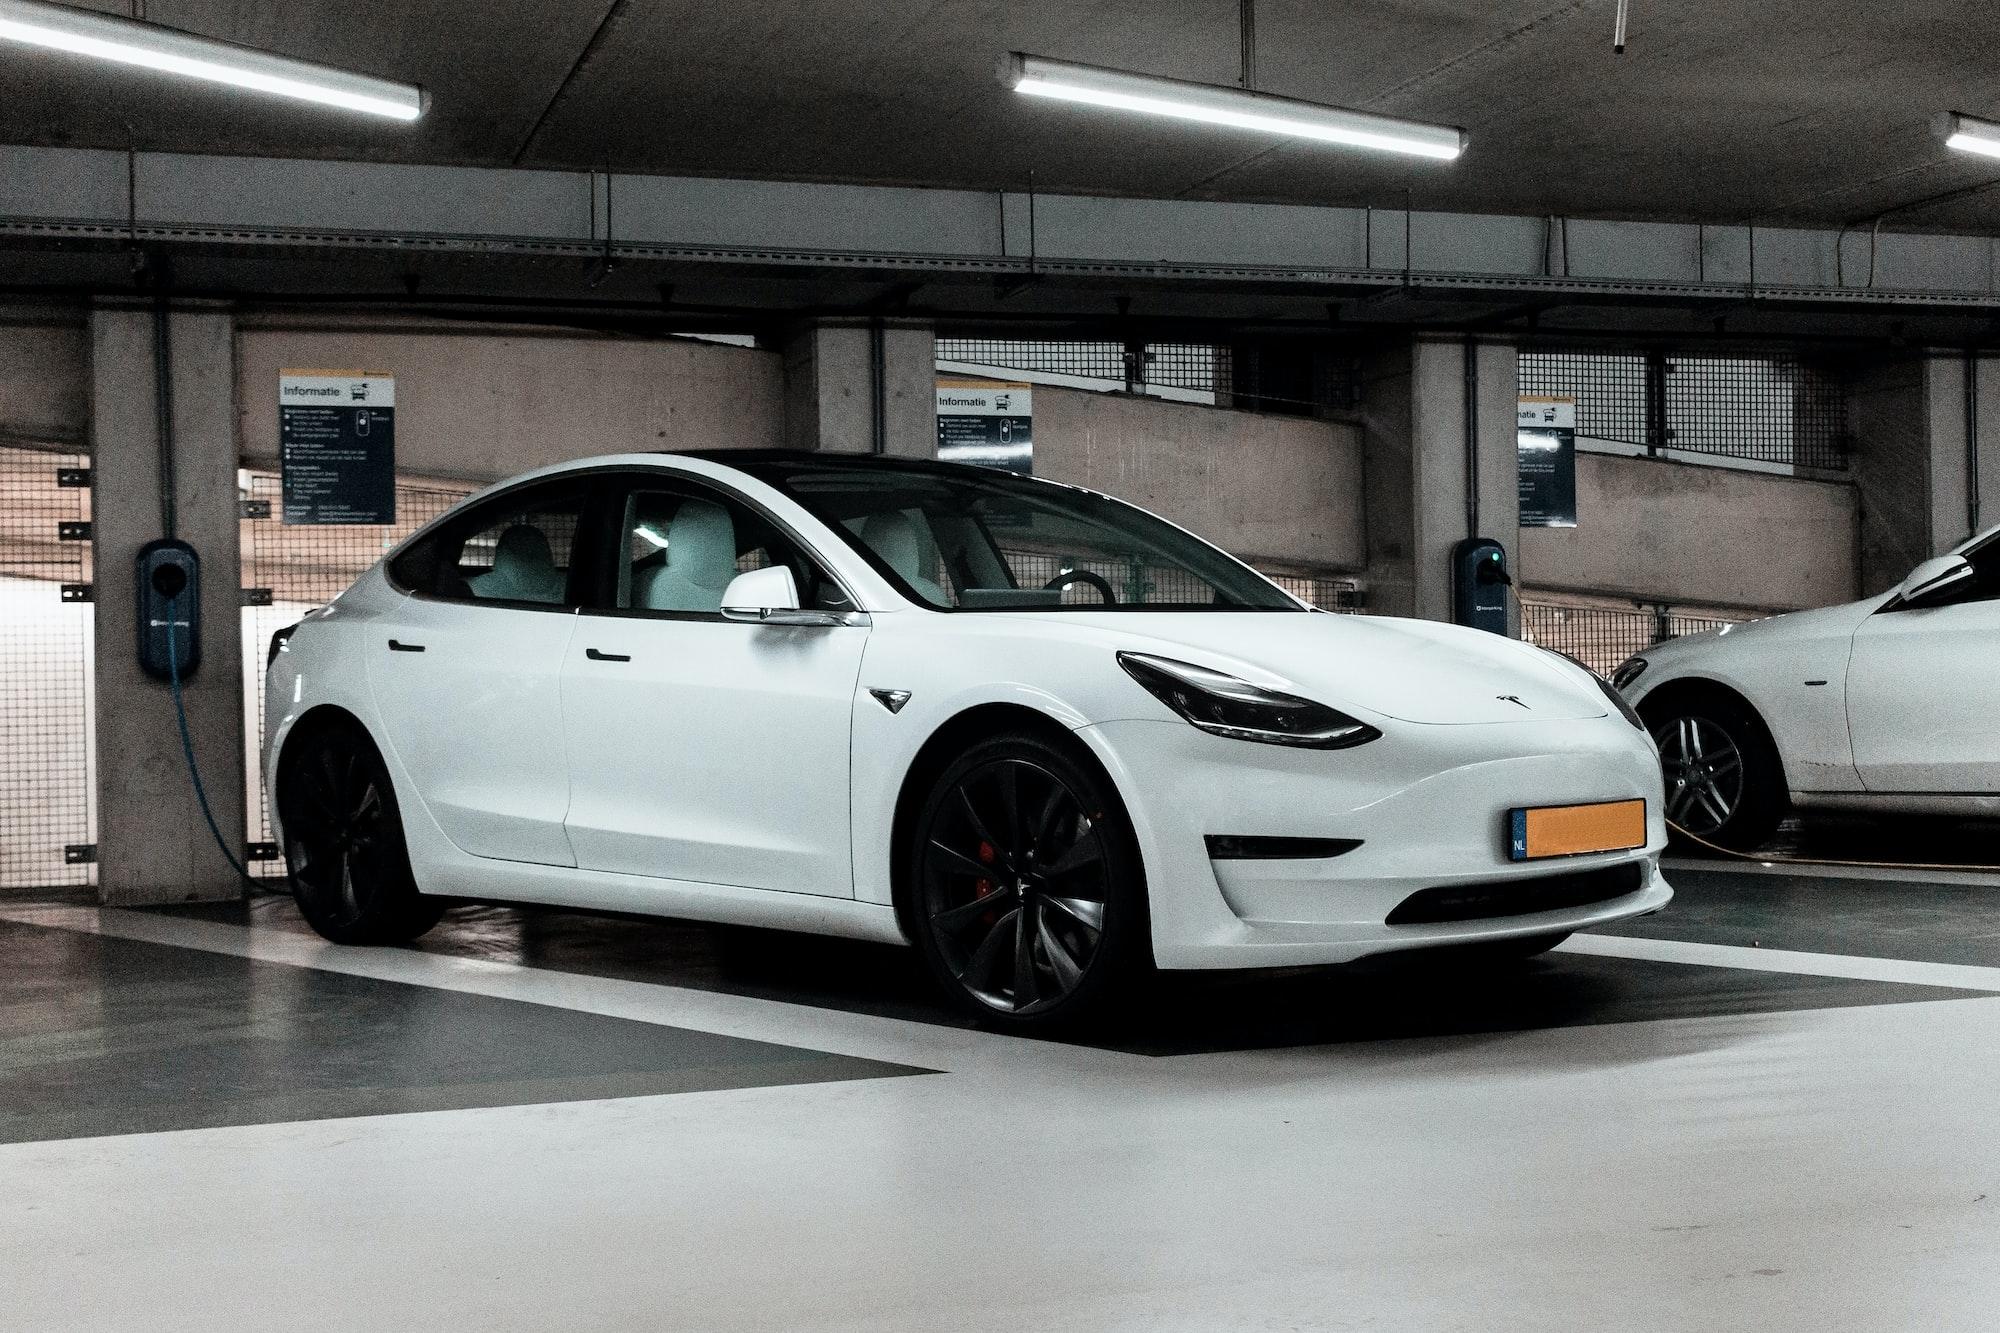 White Tesla charging...